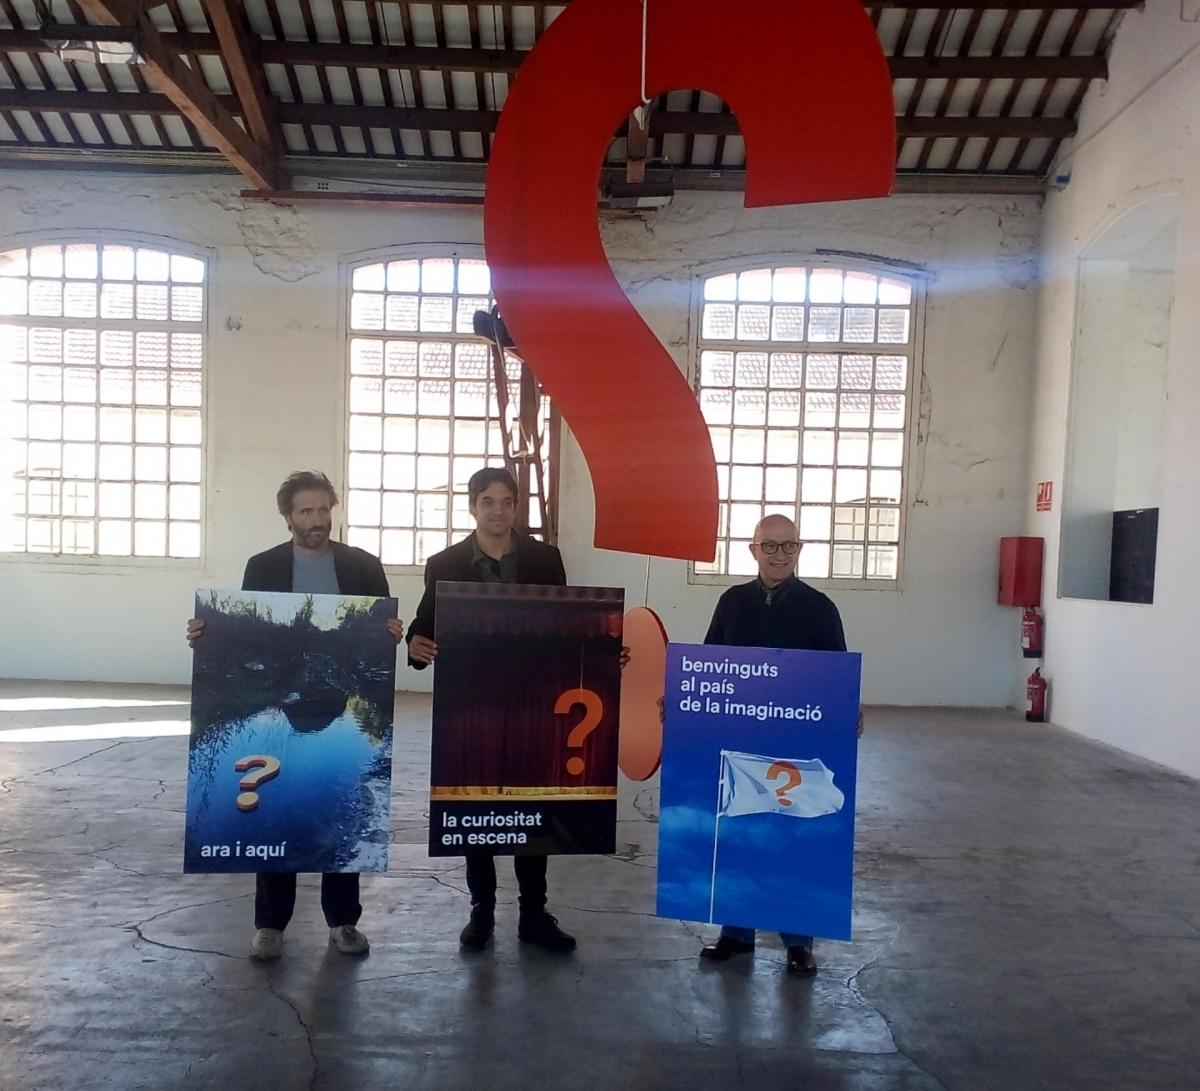 El creador del cartell, Ramon Enrich, esquerra, amb Pep Farrés i el regidor Pere Camps